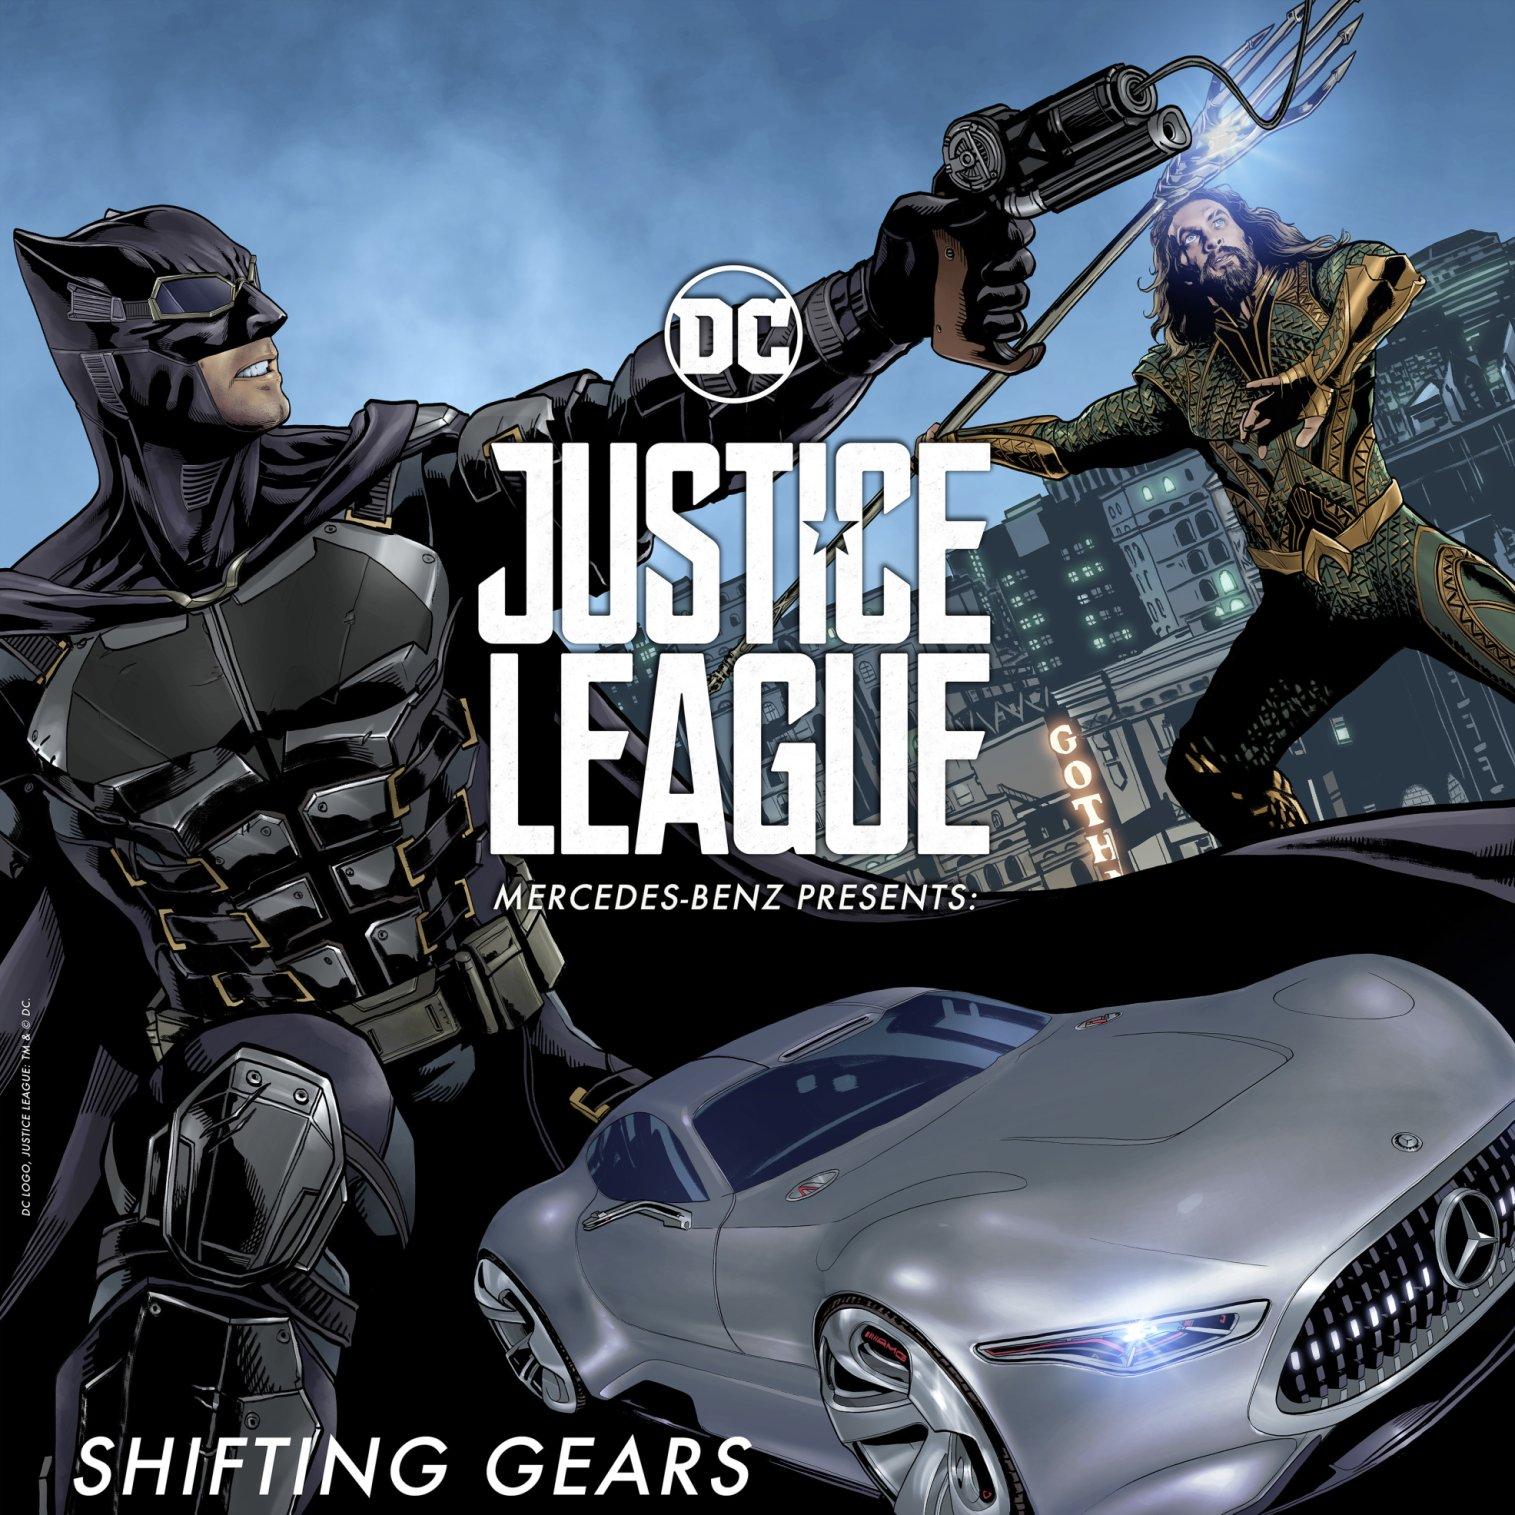 mercedes-benz-justice-league-comics-2   vernonchan